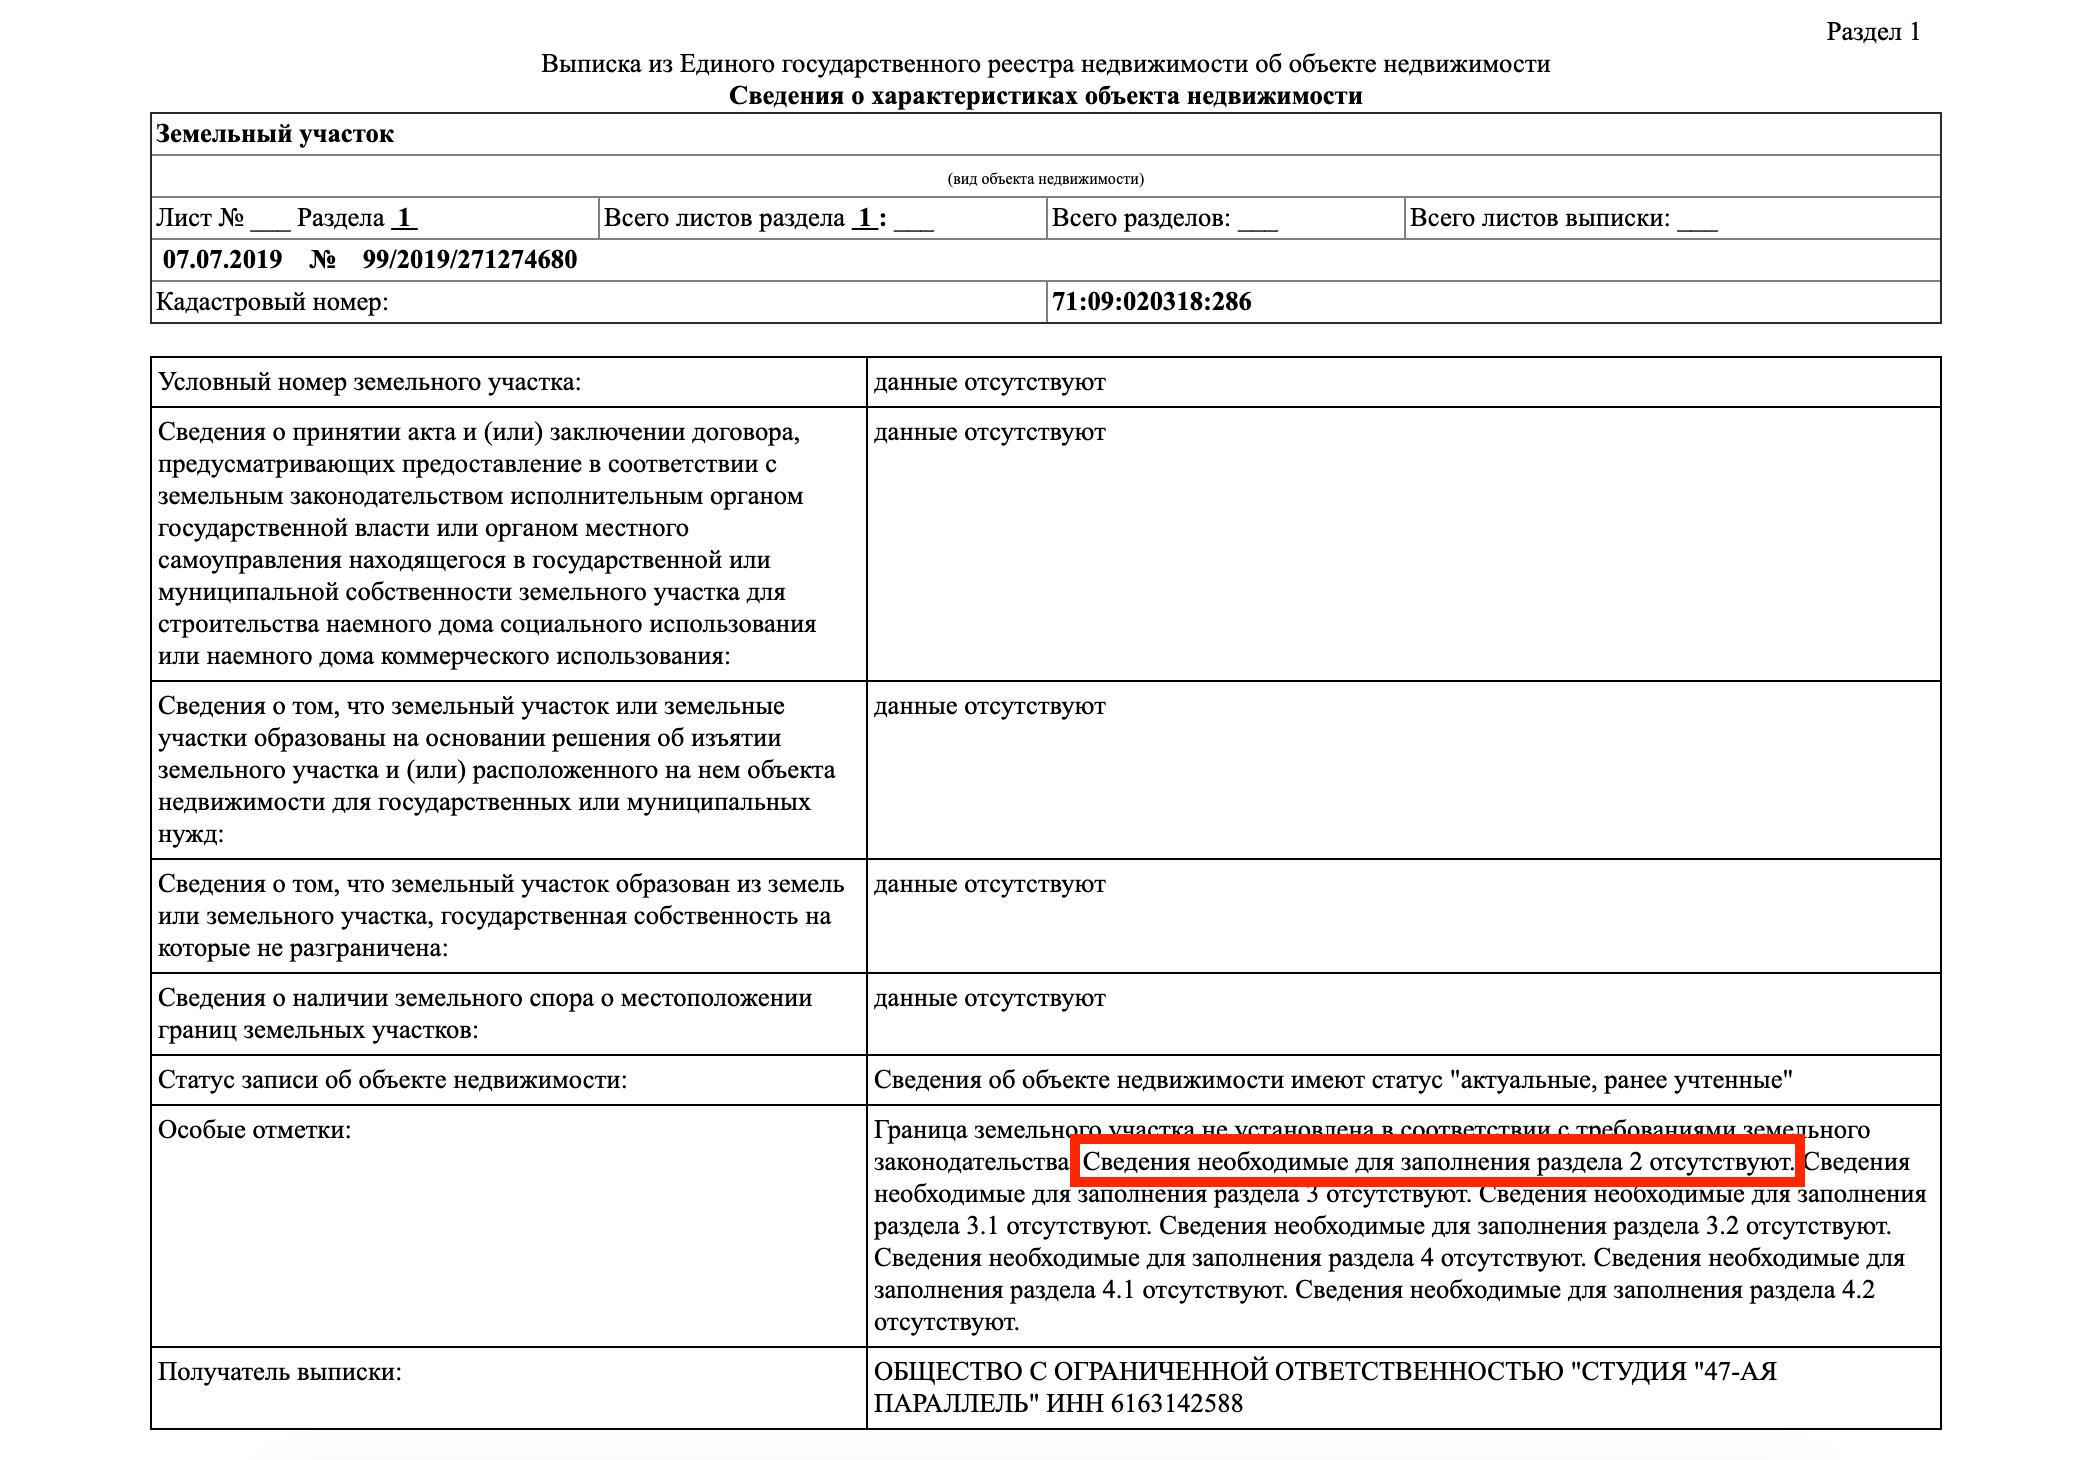 Пошаговая инструкция аренды квартиры с последующим выкупом: образец договора между физическими лицами, риски, плюсы и минусы